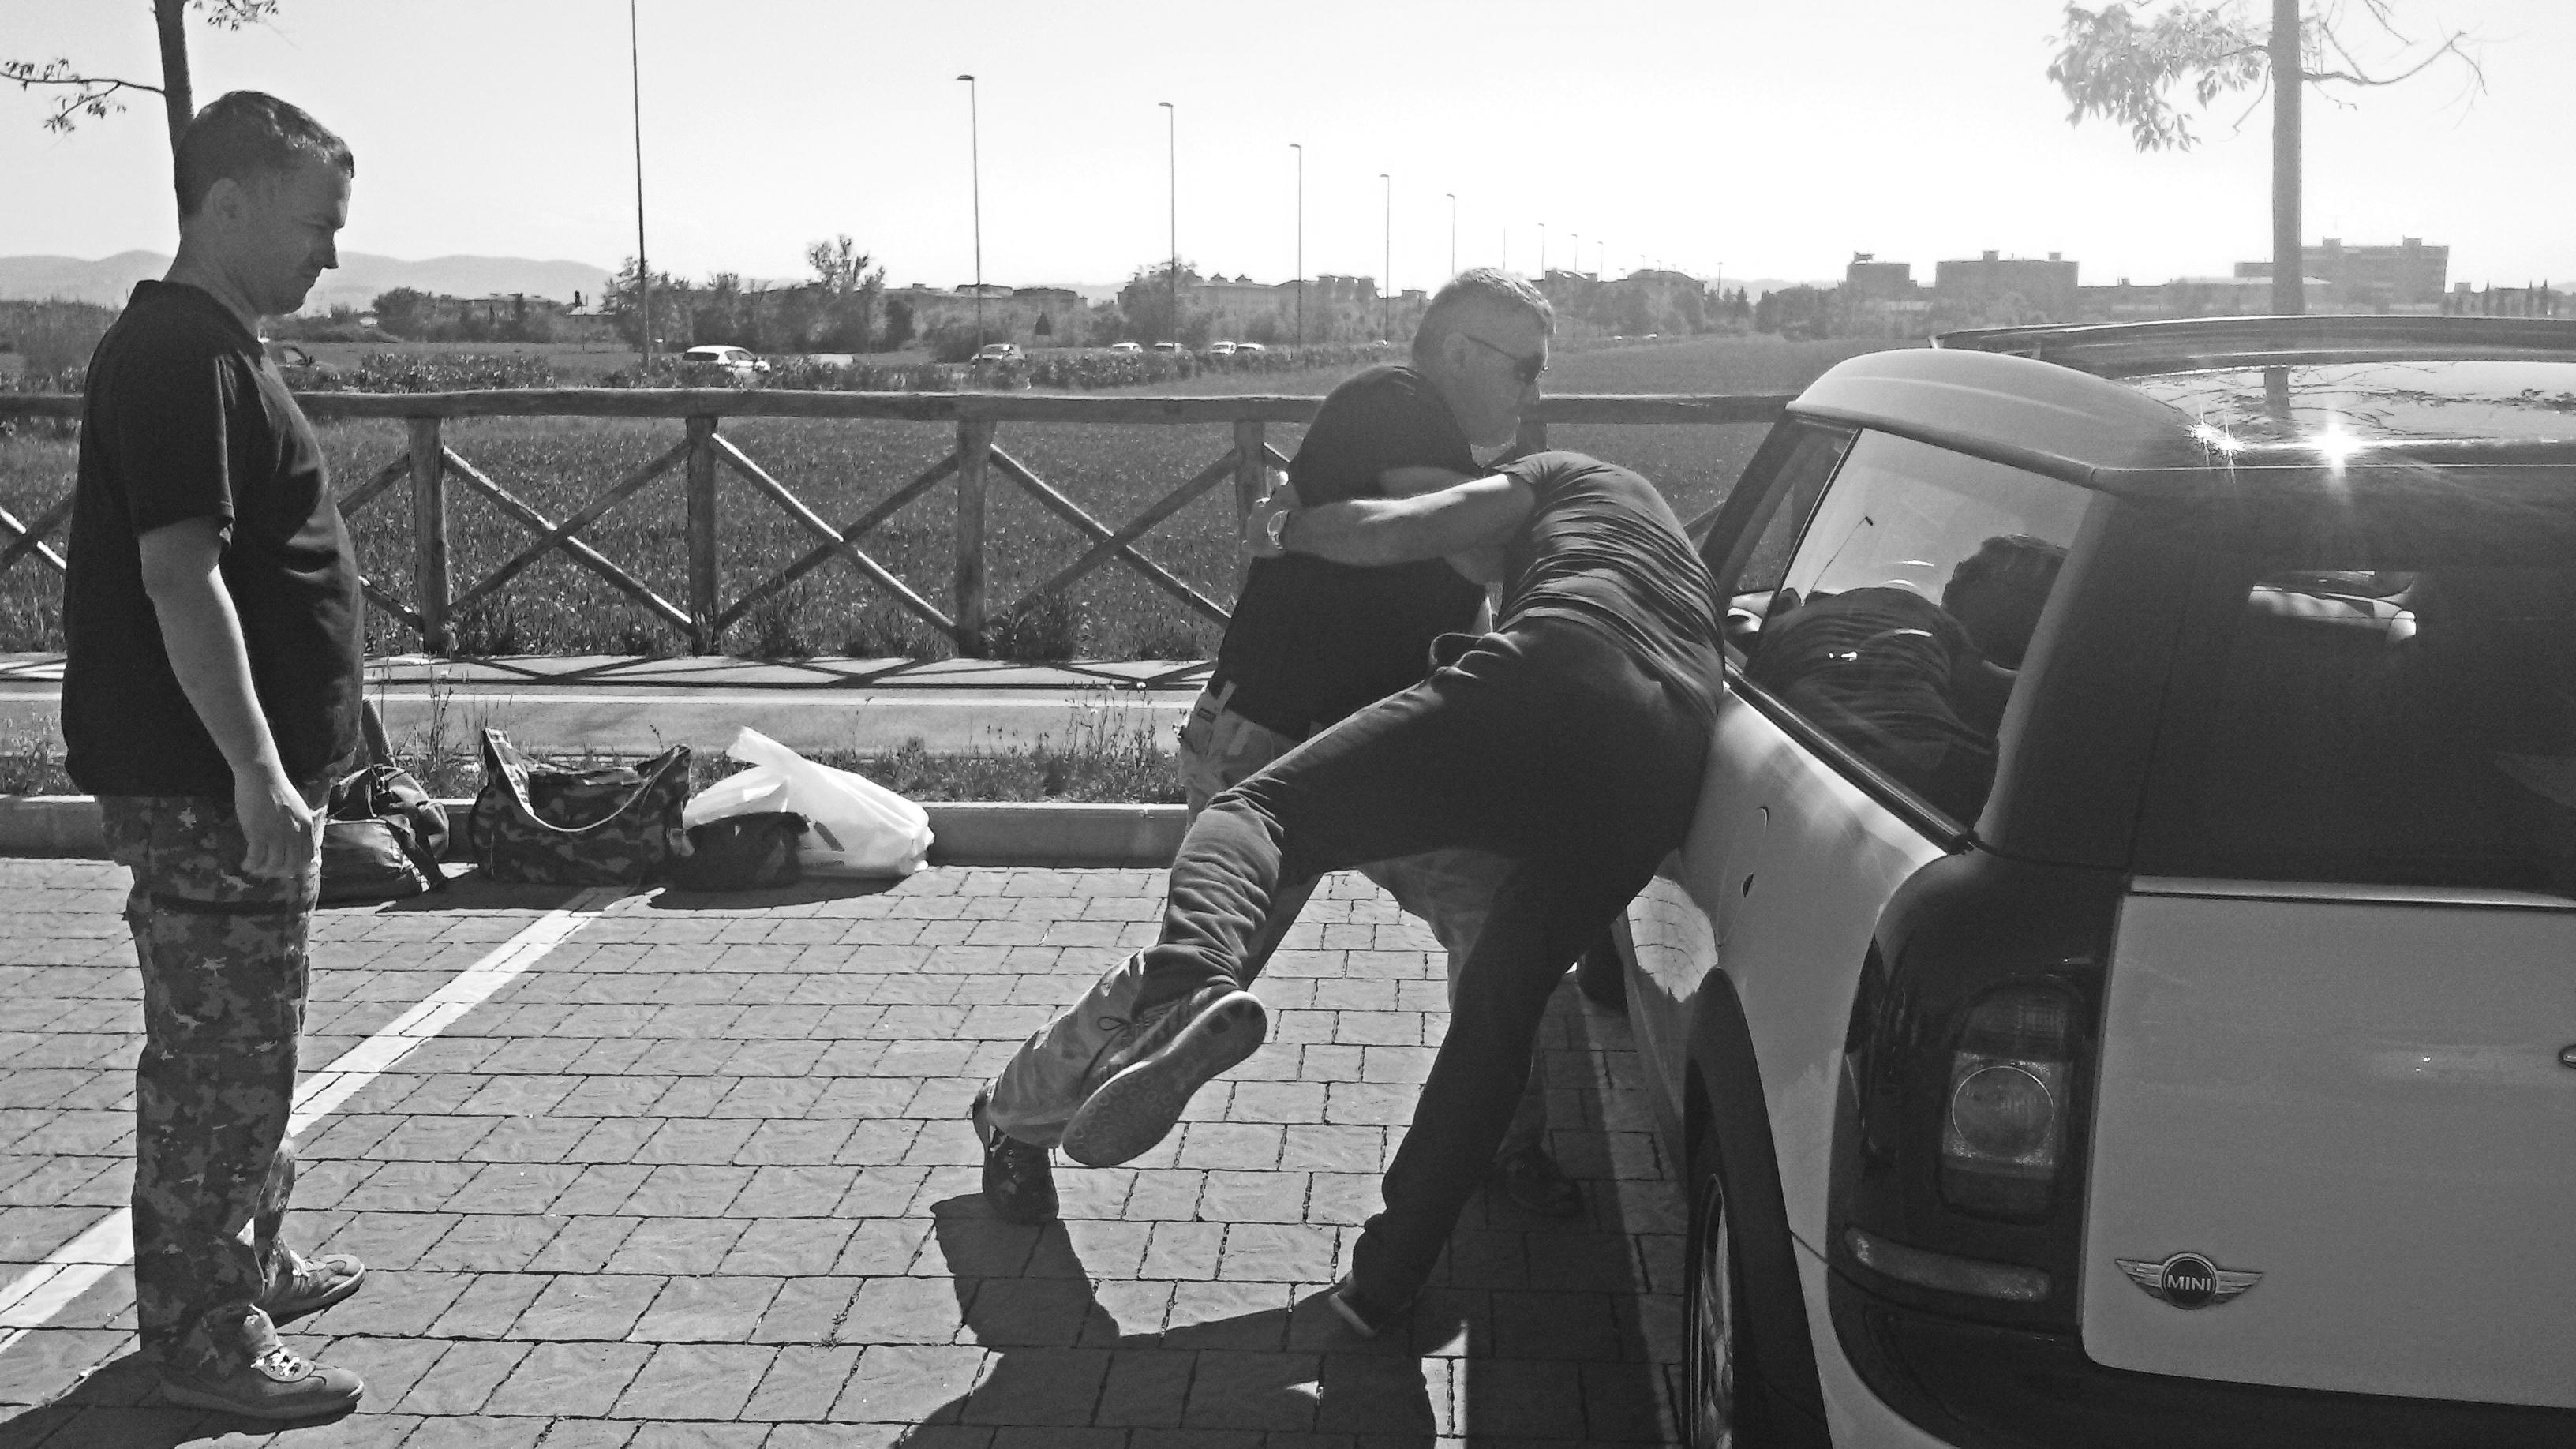 Tecnica di difesa da aggressione prima di entrare in auto